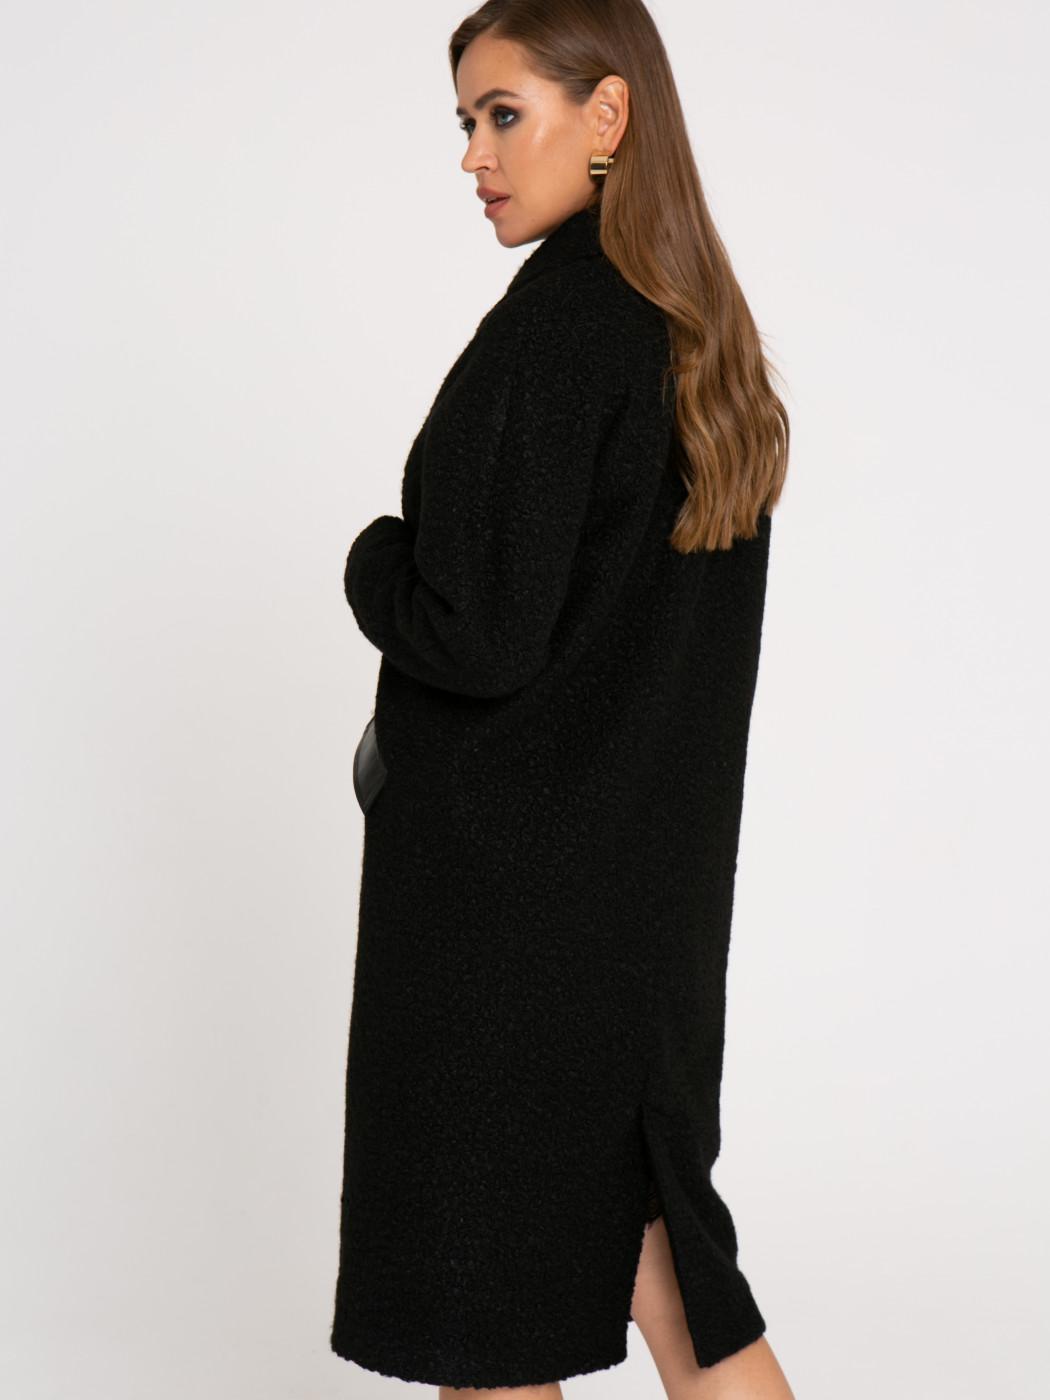 Пальто А412 цвет: черный